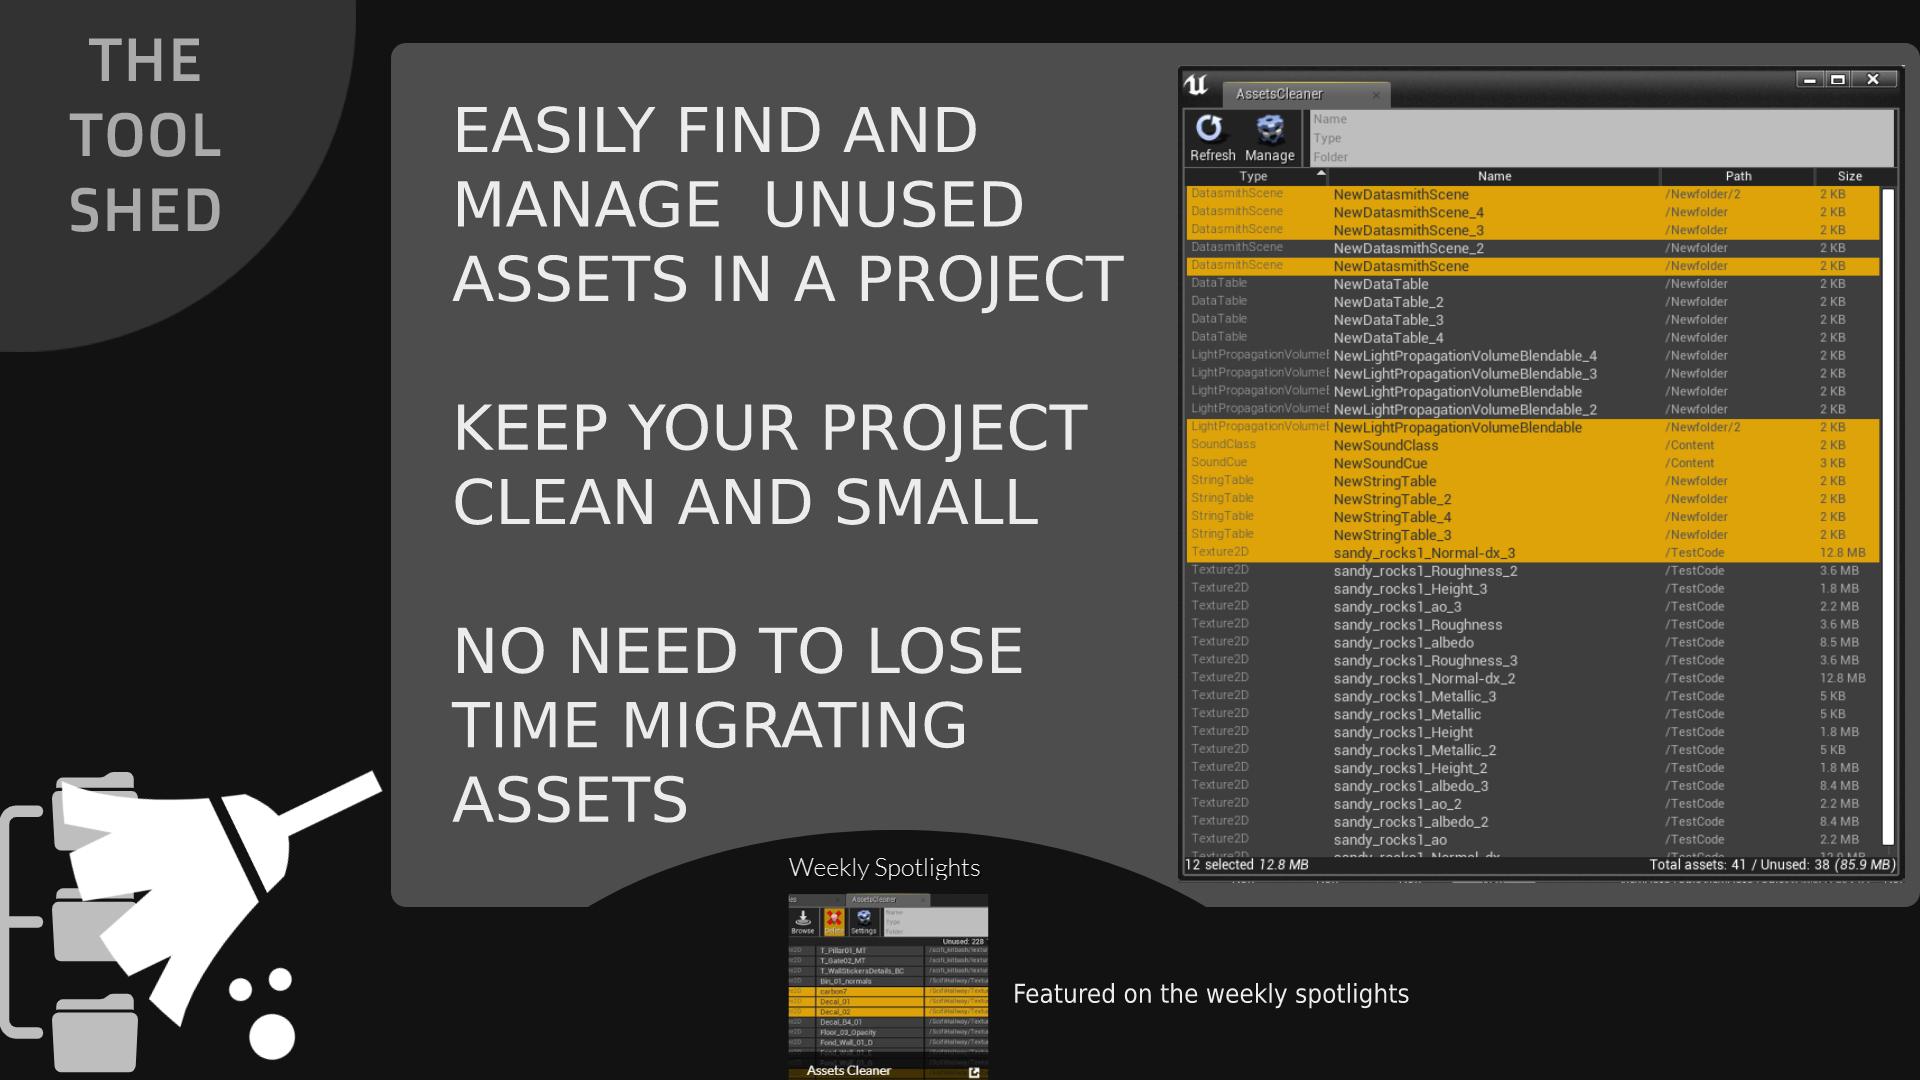 资产清理工具 Assets Cleaner - Project Cleaning Tool